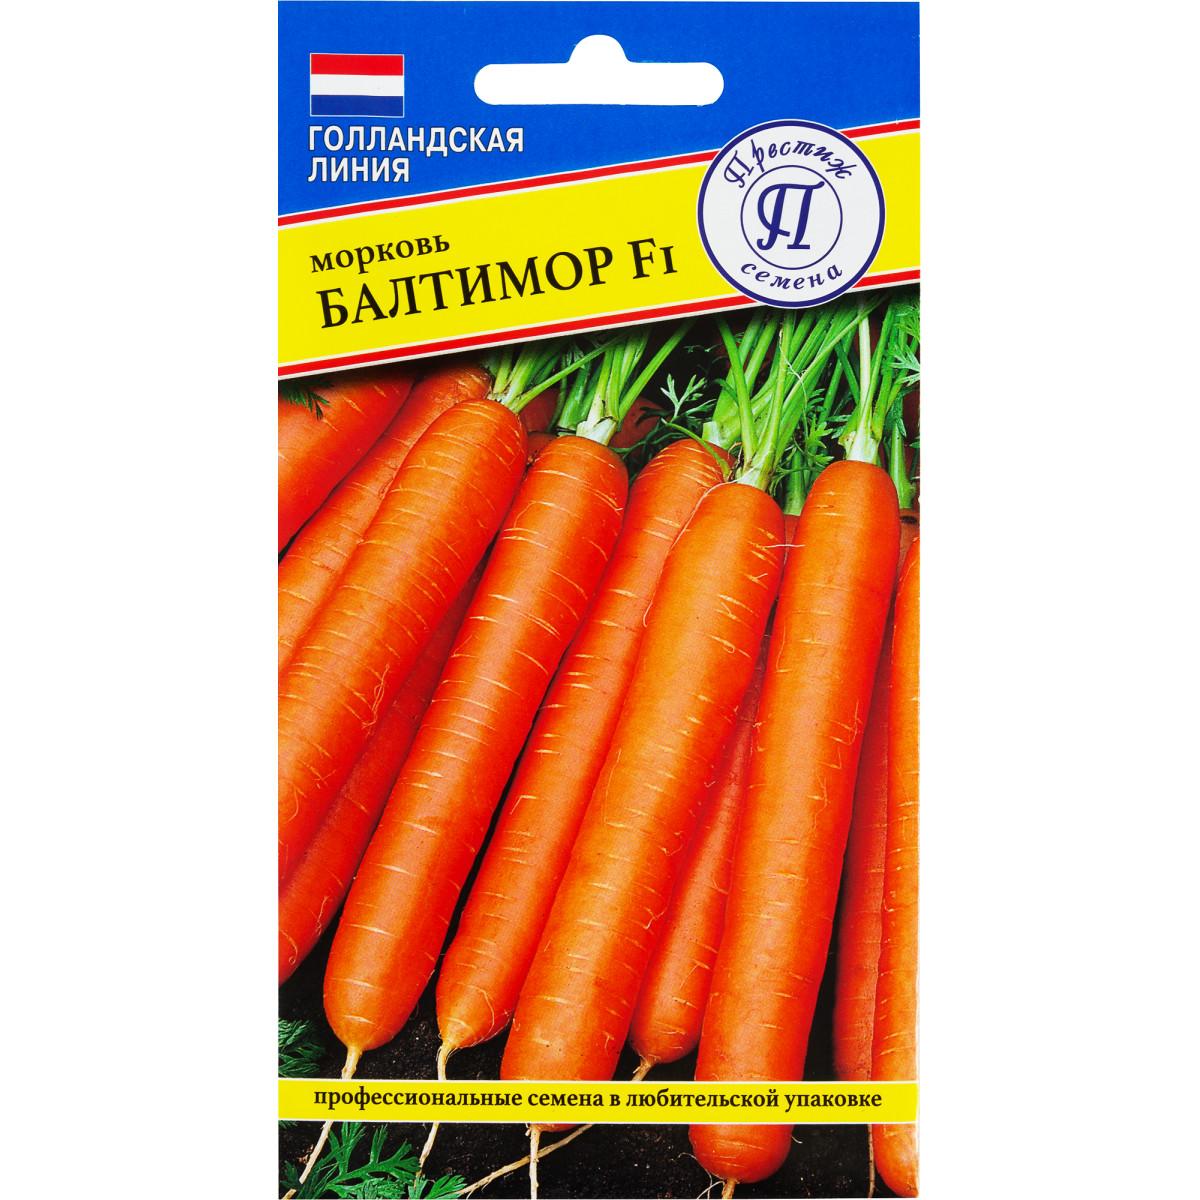 Семена Морковь Балтимор F1